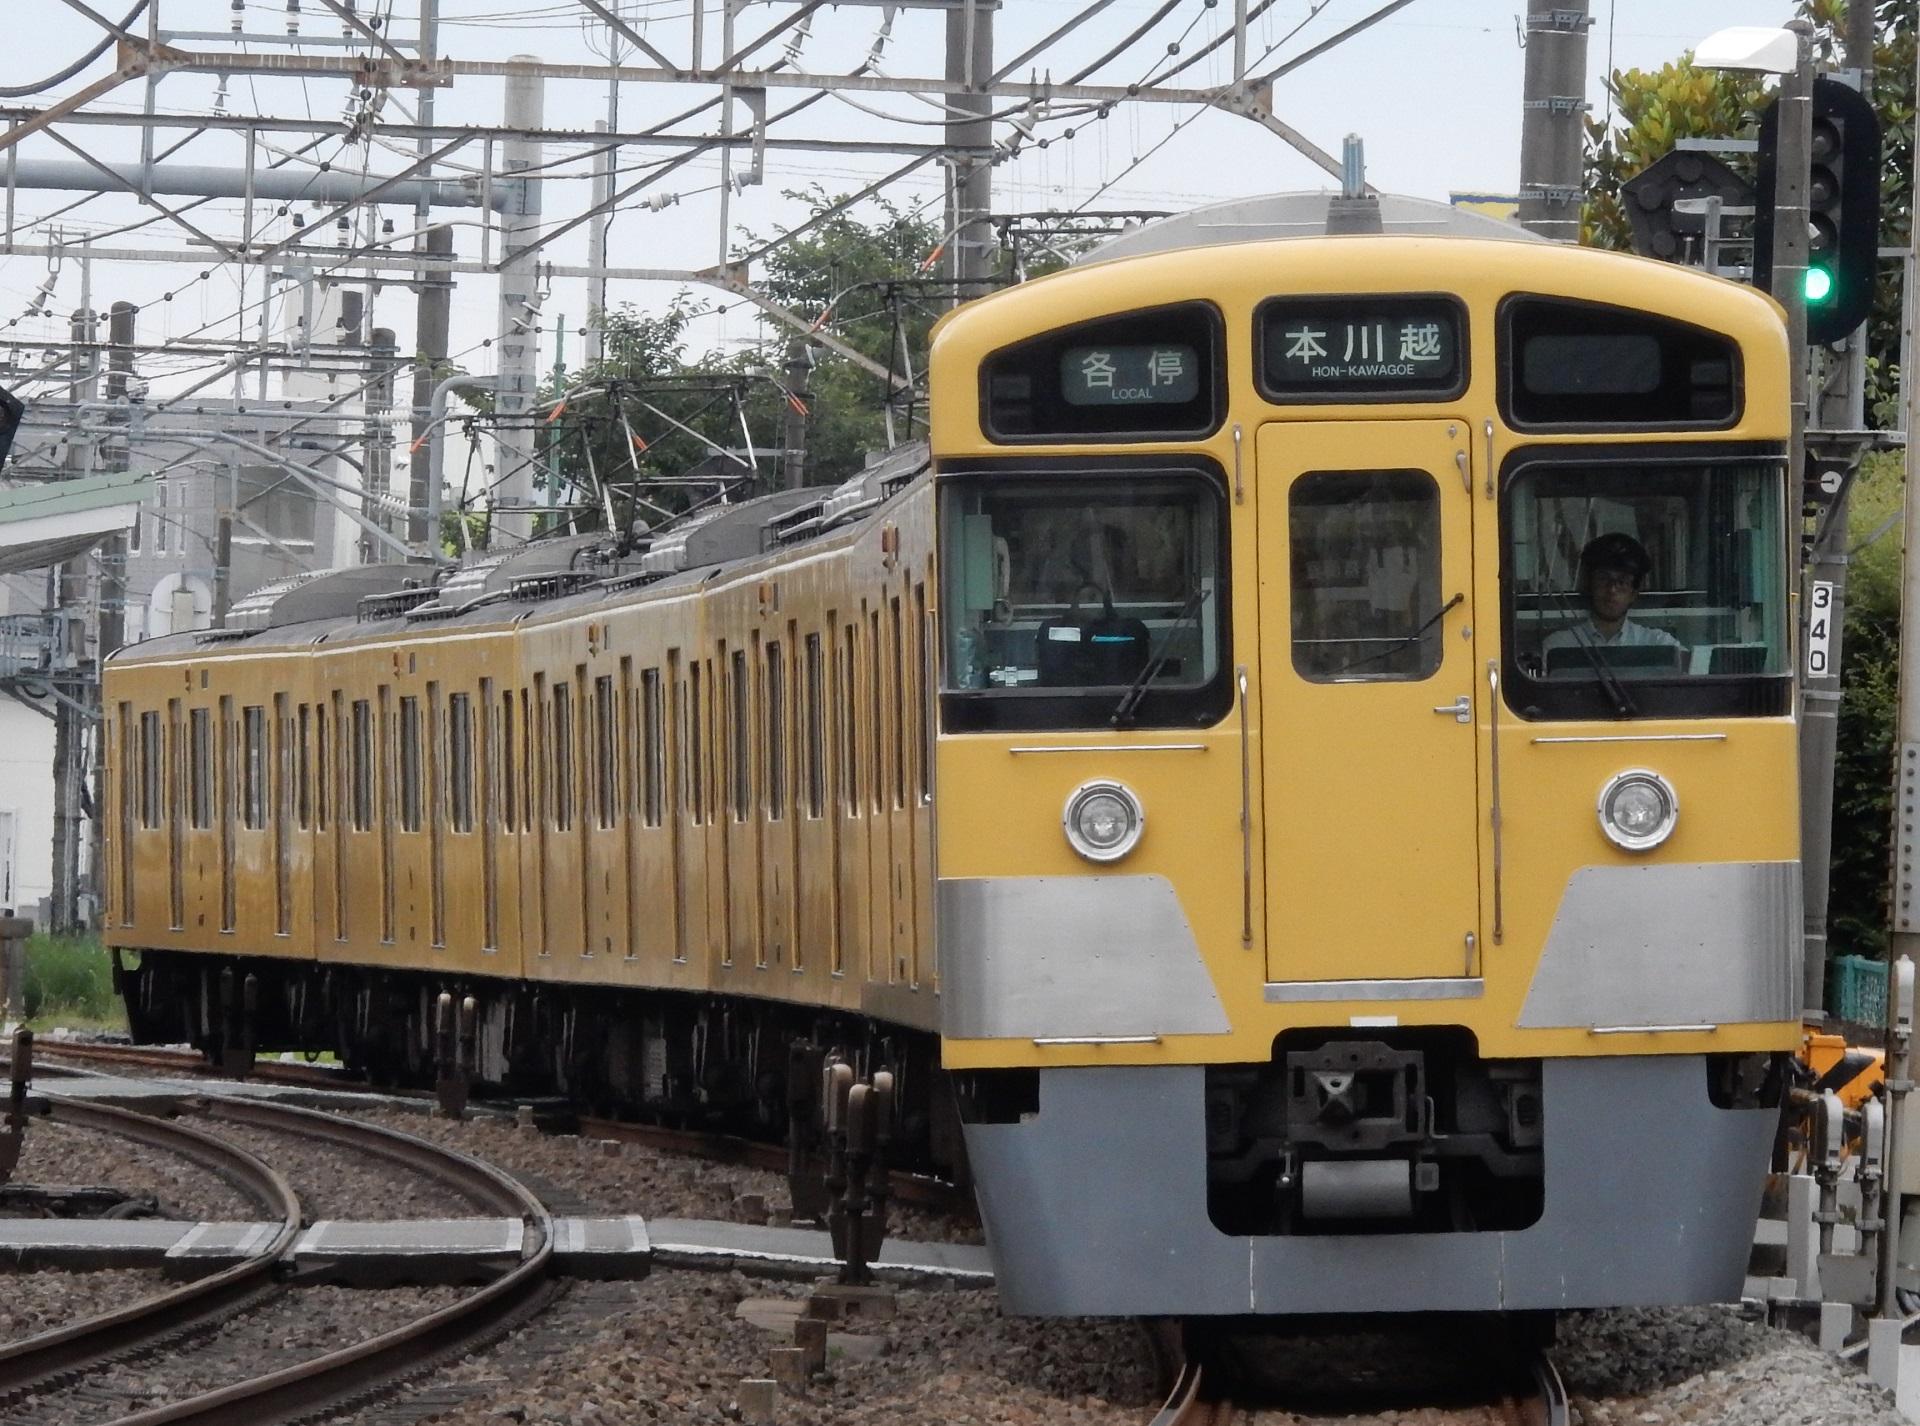 DSCN4639 - コピー